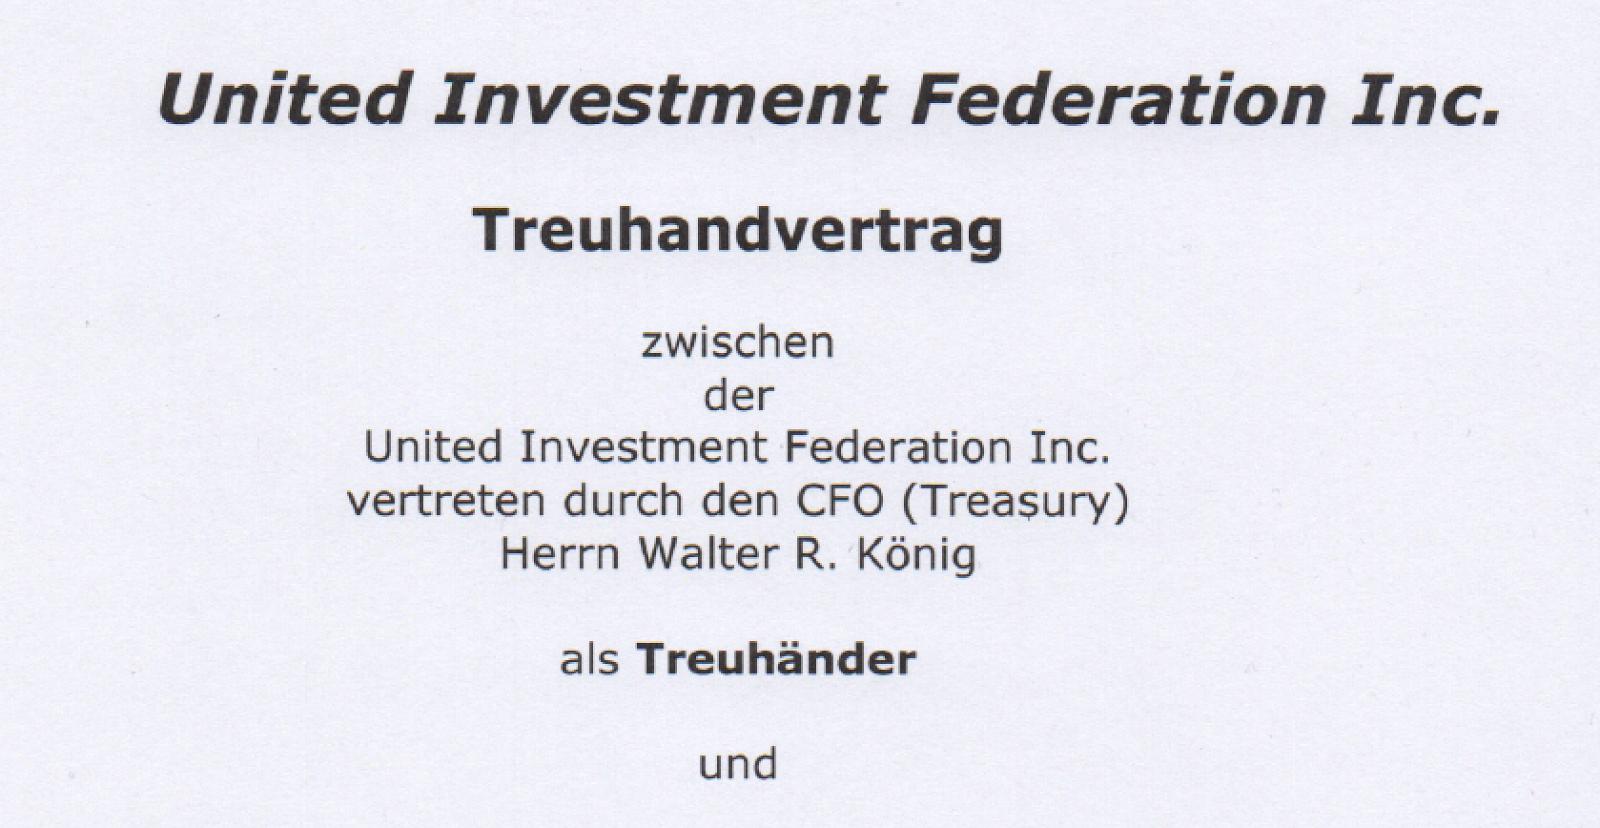 Swen Uwe Palisch & Ulrich Sundermann & Walter König: Zusammenfassung